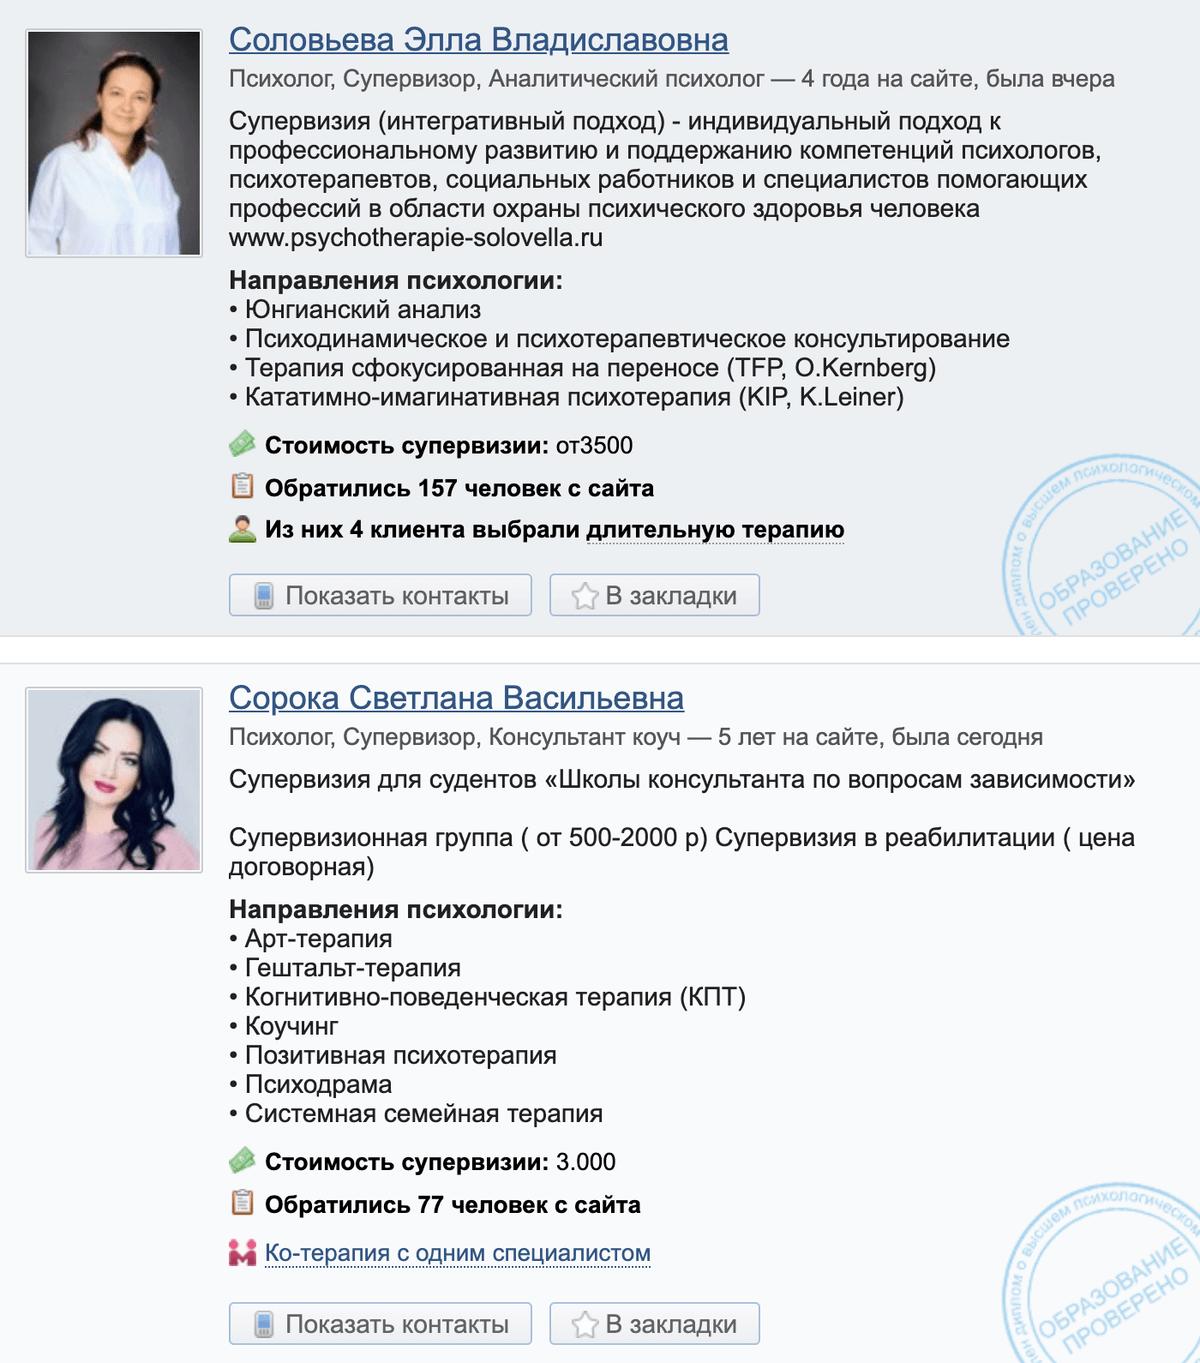 Объявления о супервизии на сайте для&nbsp;психотерапевтов и психологов b17.ru. За супервизию тут просят 2000—3500<span class=ruble>Р</span>